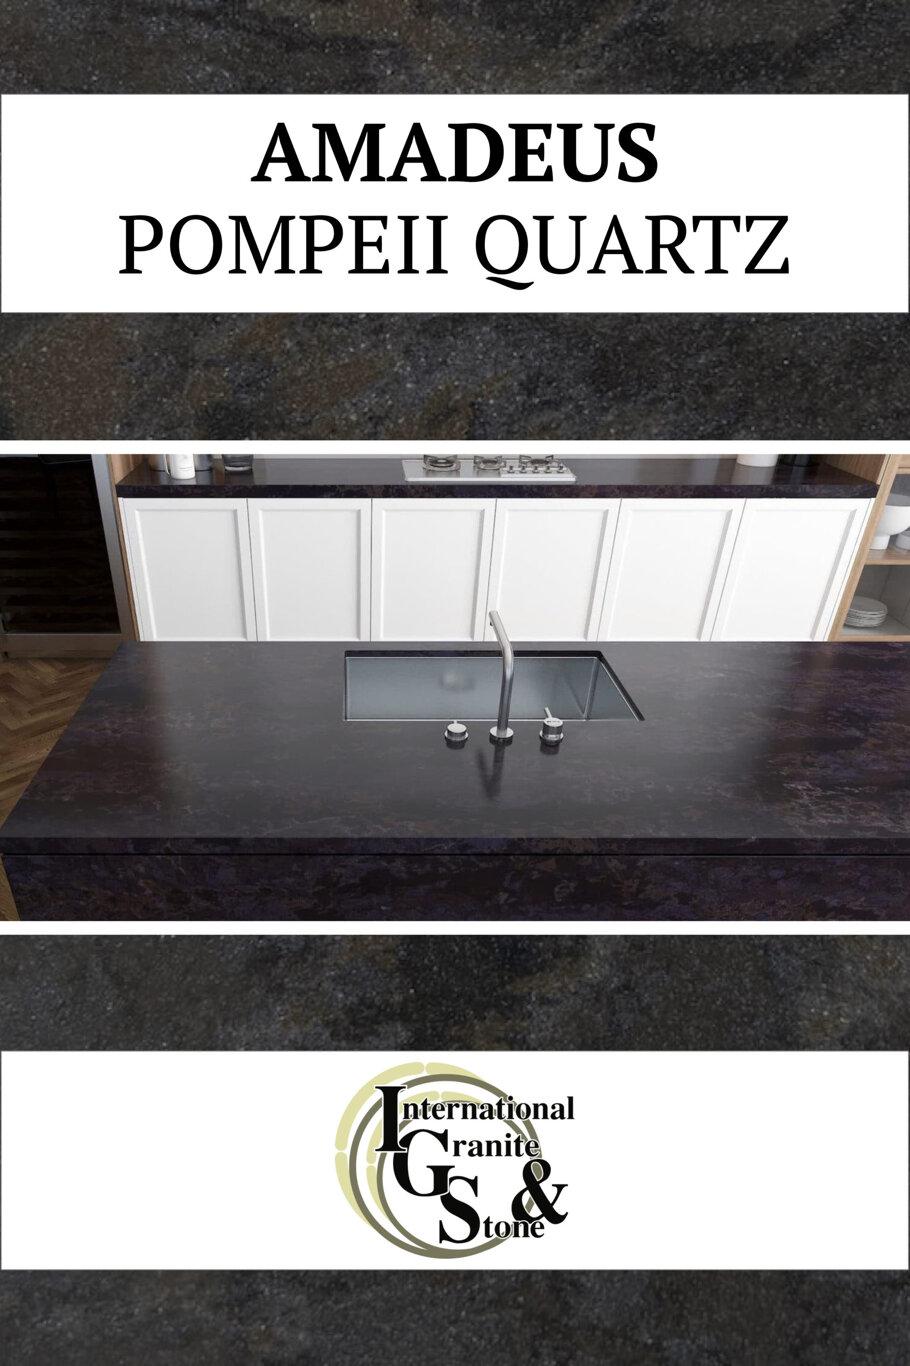 Amadeus Pompeii Quartz